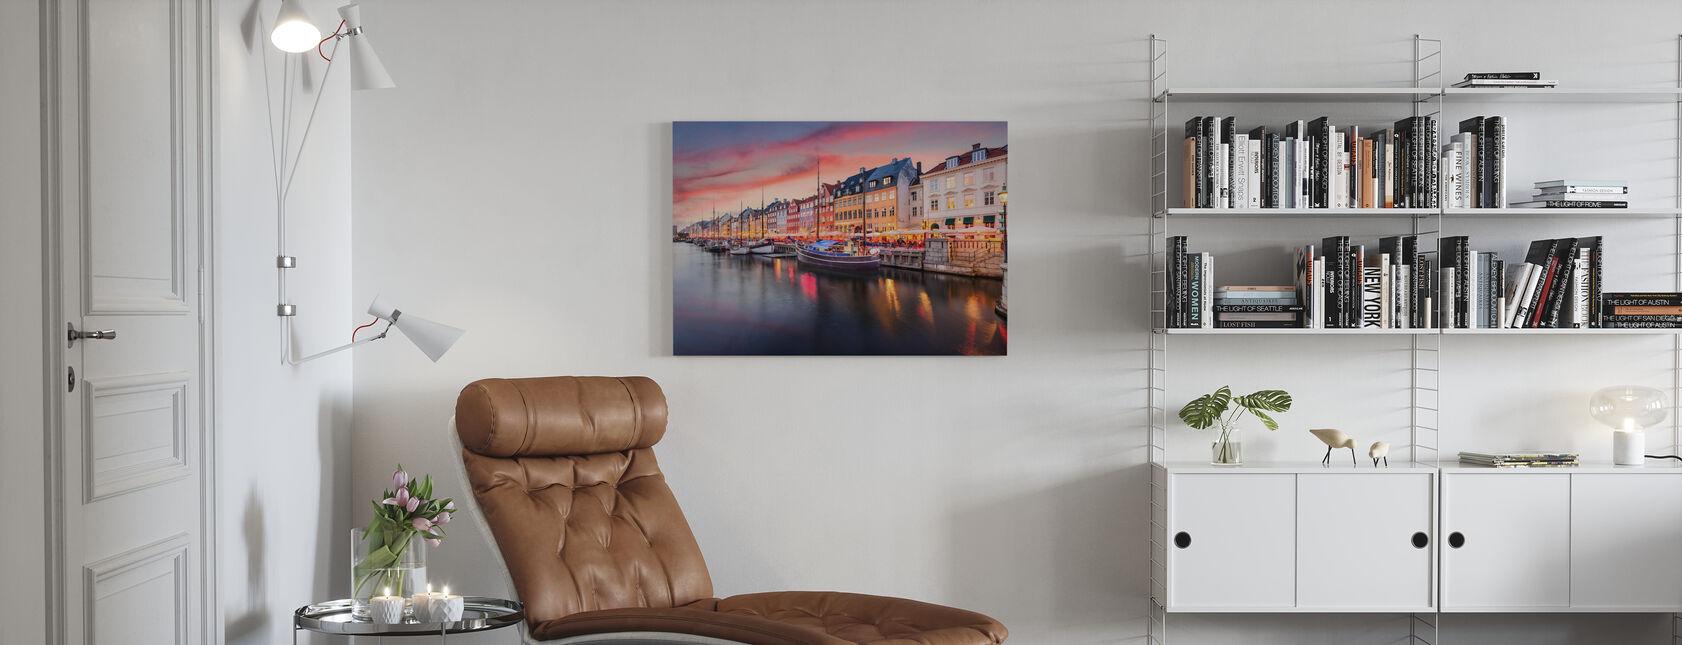 Nyhavn Canal - Billede på lærred - Stue